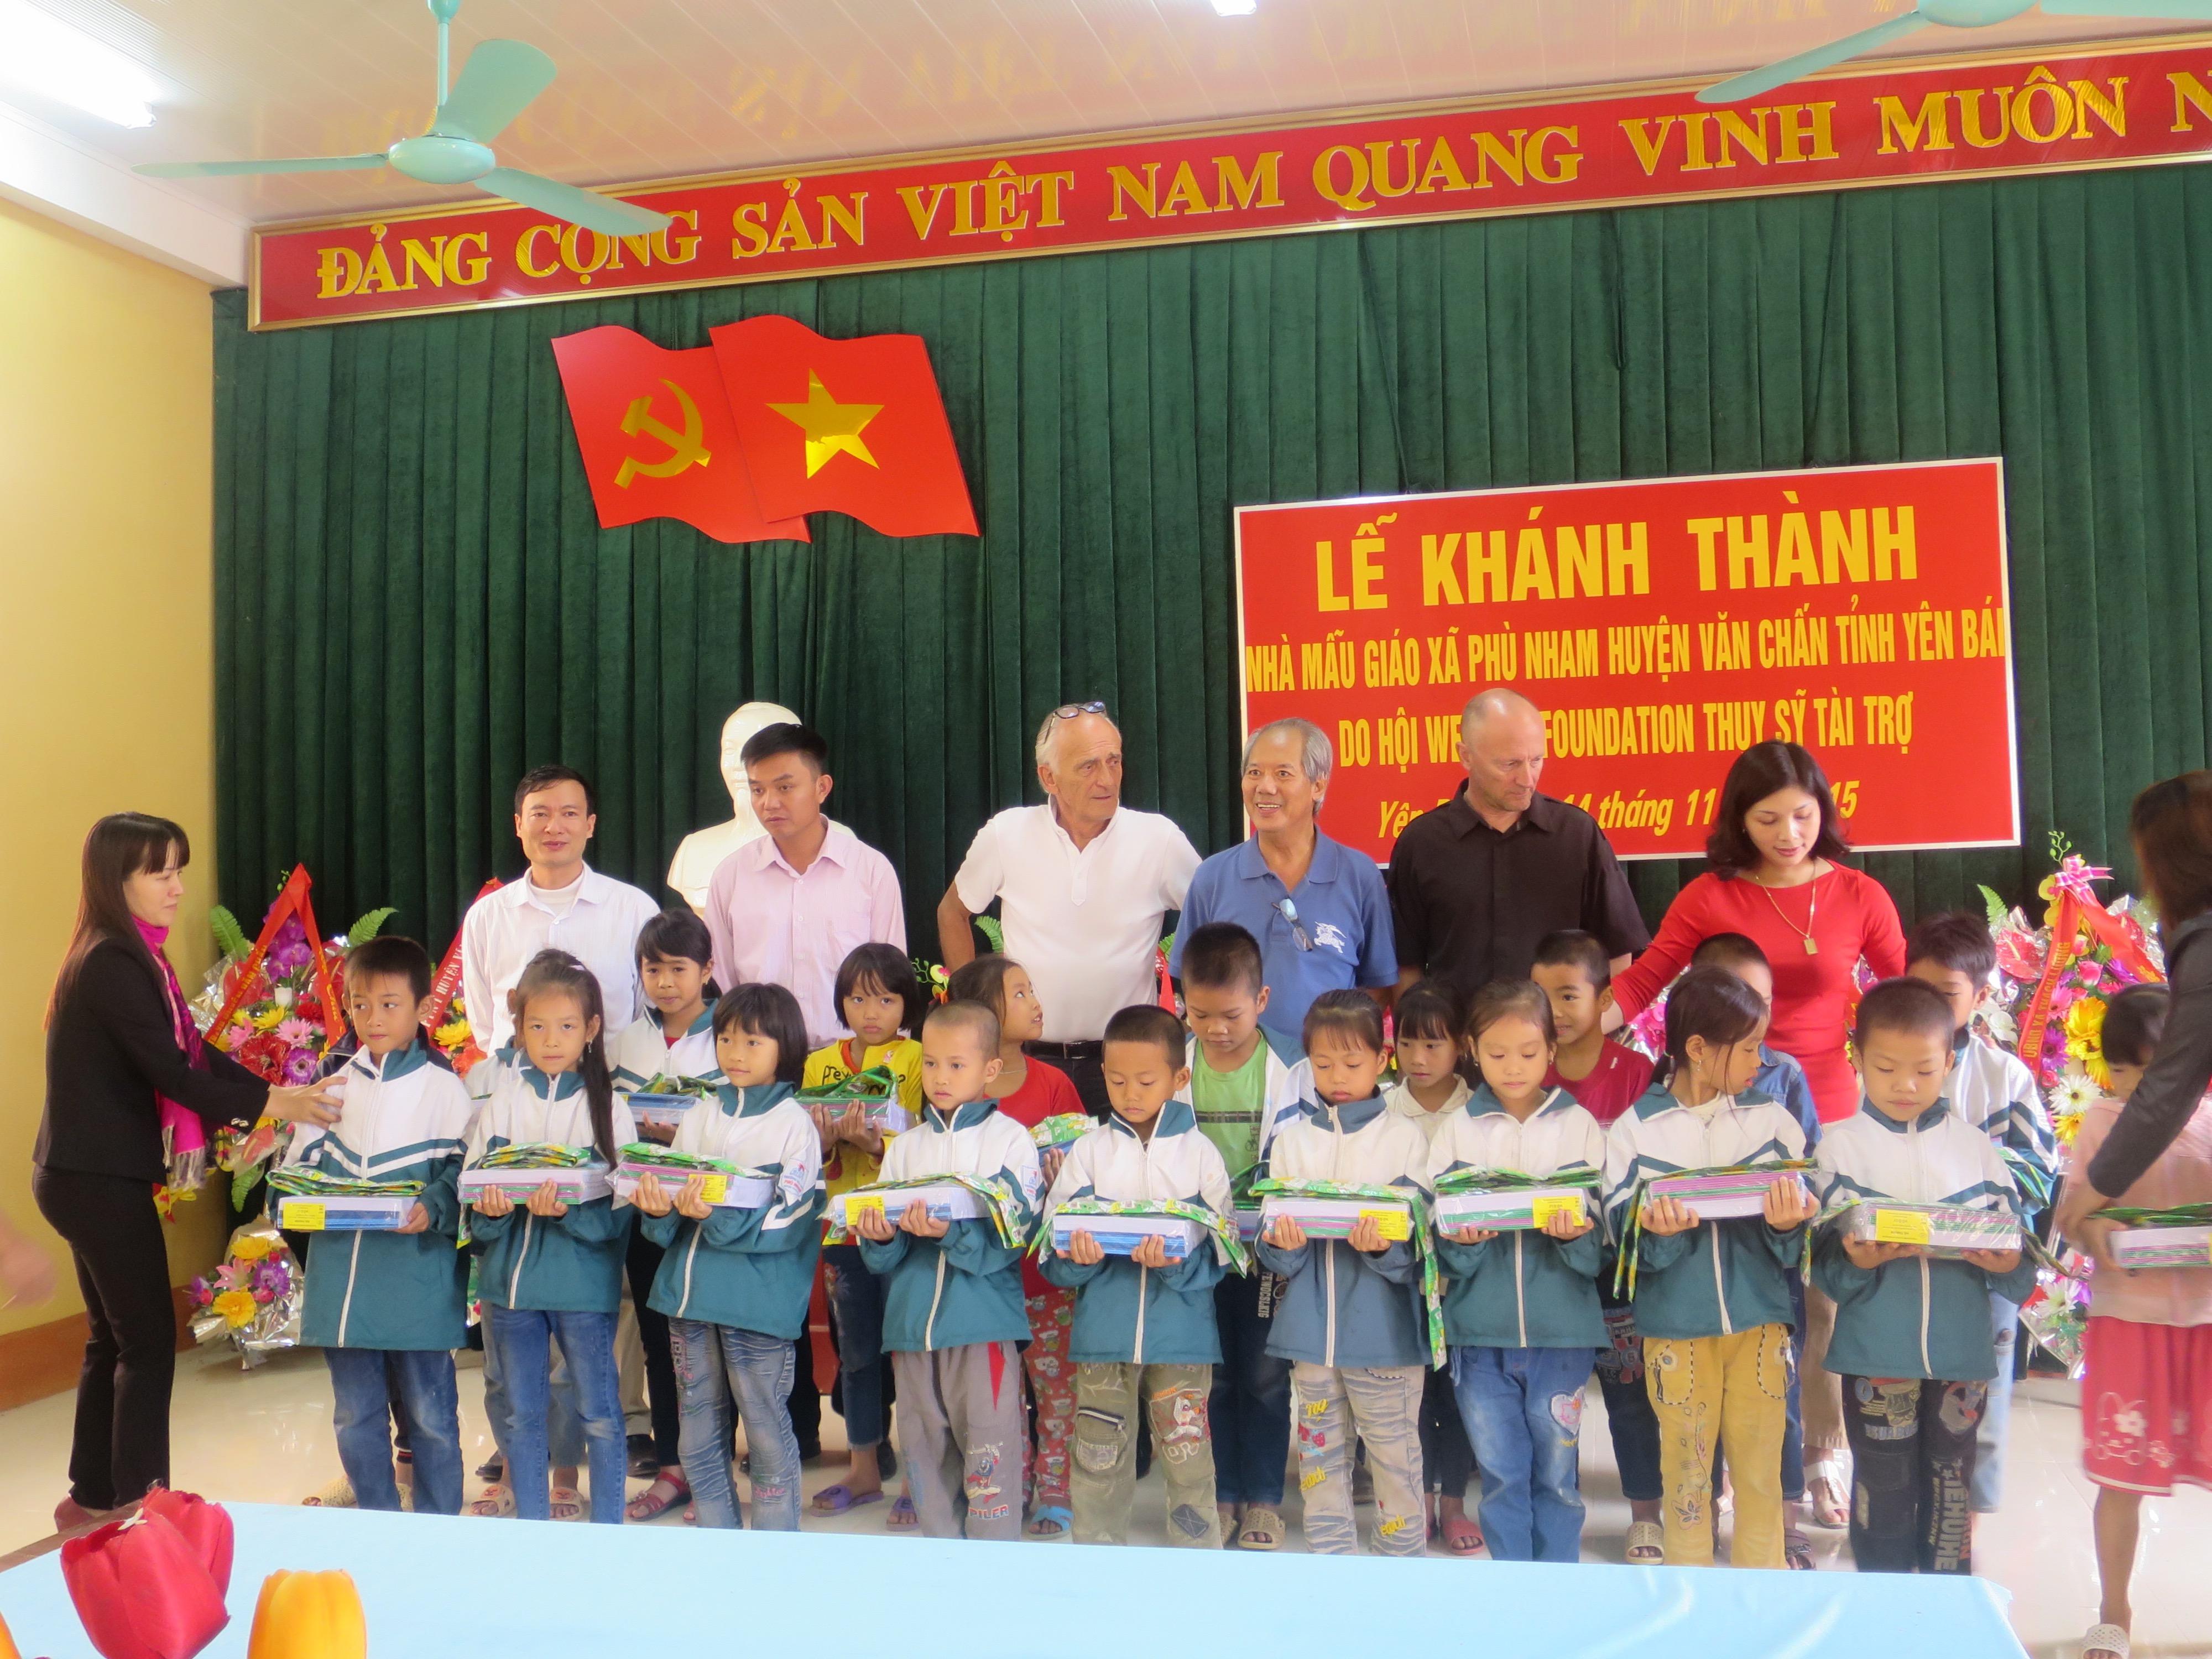 Phu Nham 1